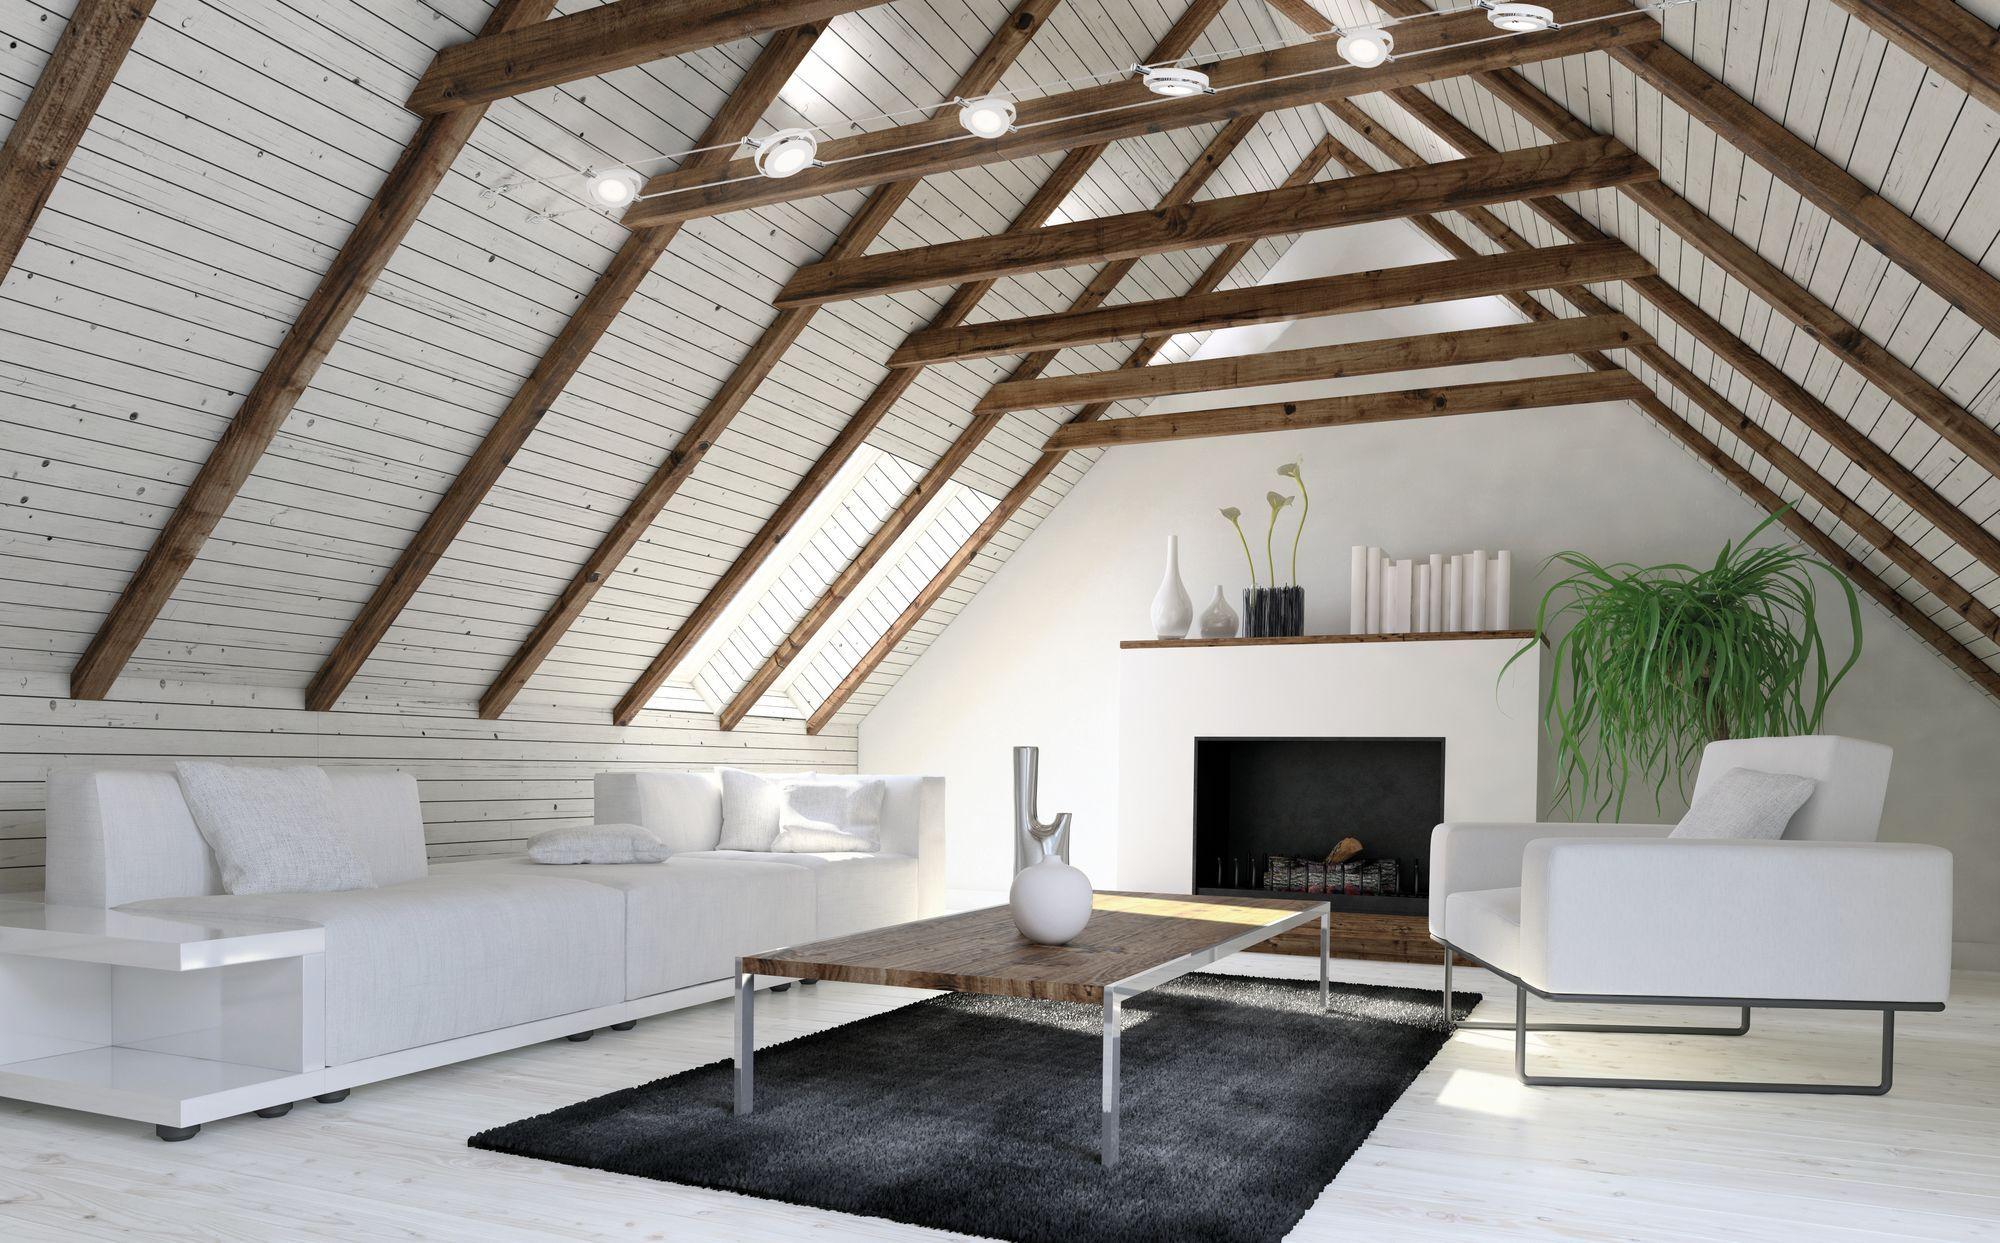 Perfekte Dachschragen Lampe Seilsystem Mit Led Spots Der Marke Paulmann Wohnzimmer Weiss Beleuchtung Dachschrage Dachschrage